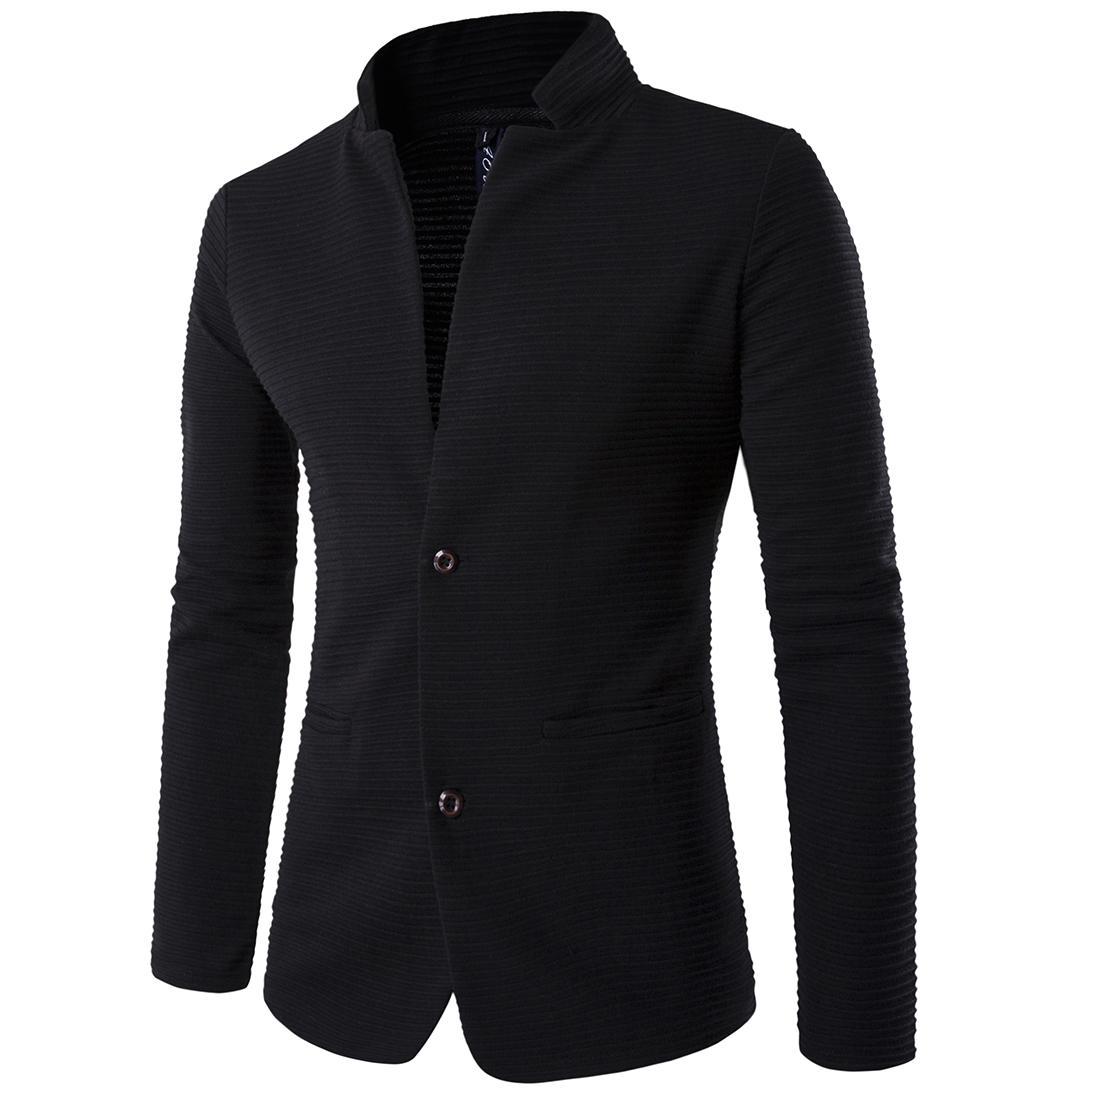 Оптовый- 2017 Новый Slim Business Blazer Куртка Человек Пэчворк с длинным рукавом плюс размер Мужская Костюмная куртка 5XL Winter Fitness Coat Мужской Люкс